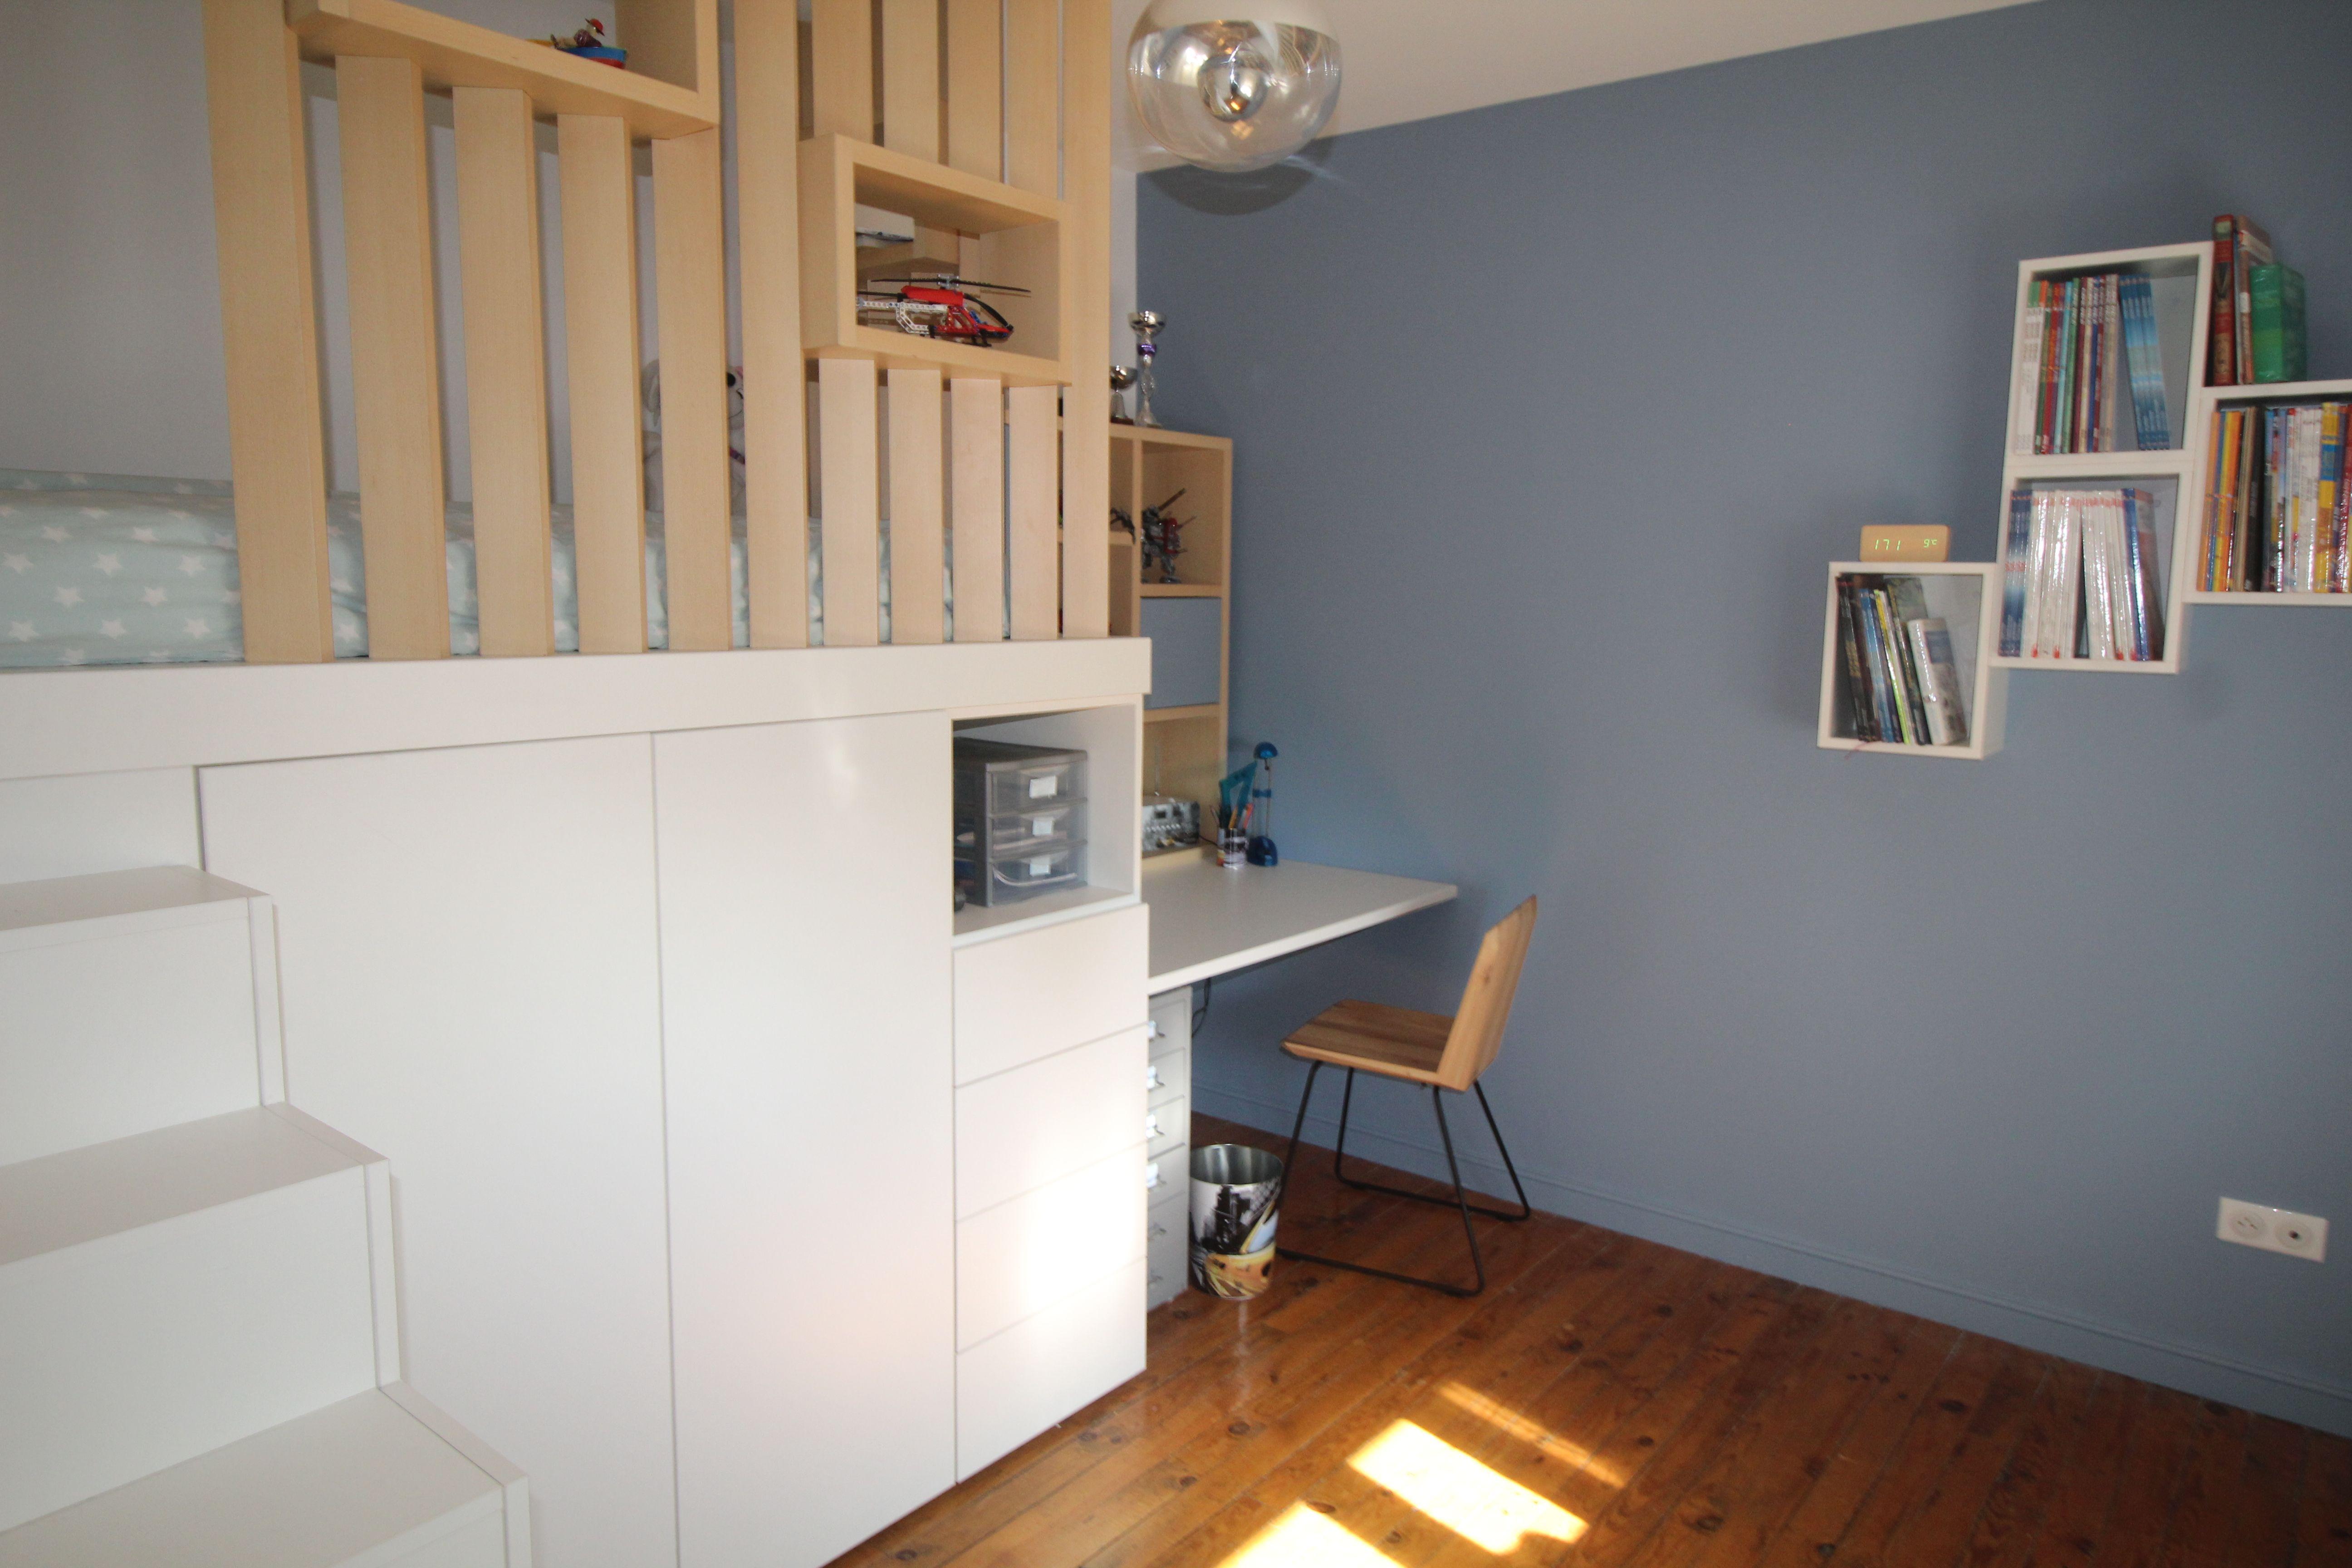 d coration int rieure am nagement r novation et suivi de. Black Bedroom Furniture Sets. Home Design Ideas